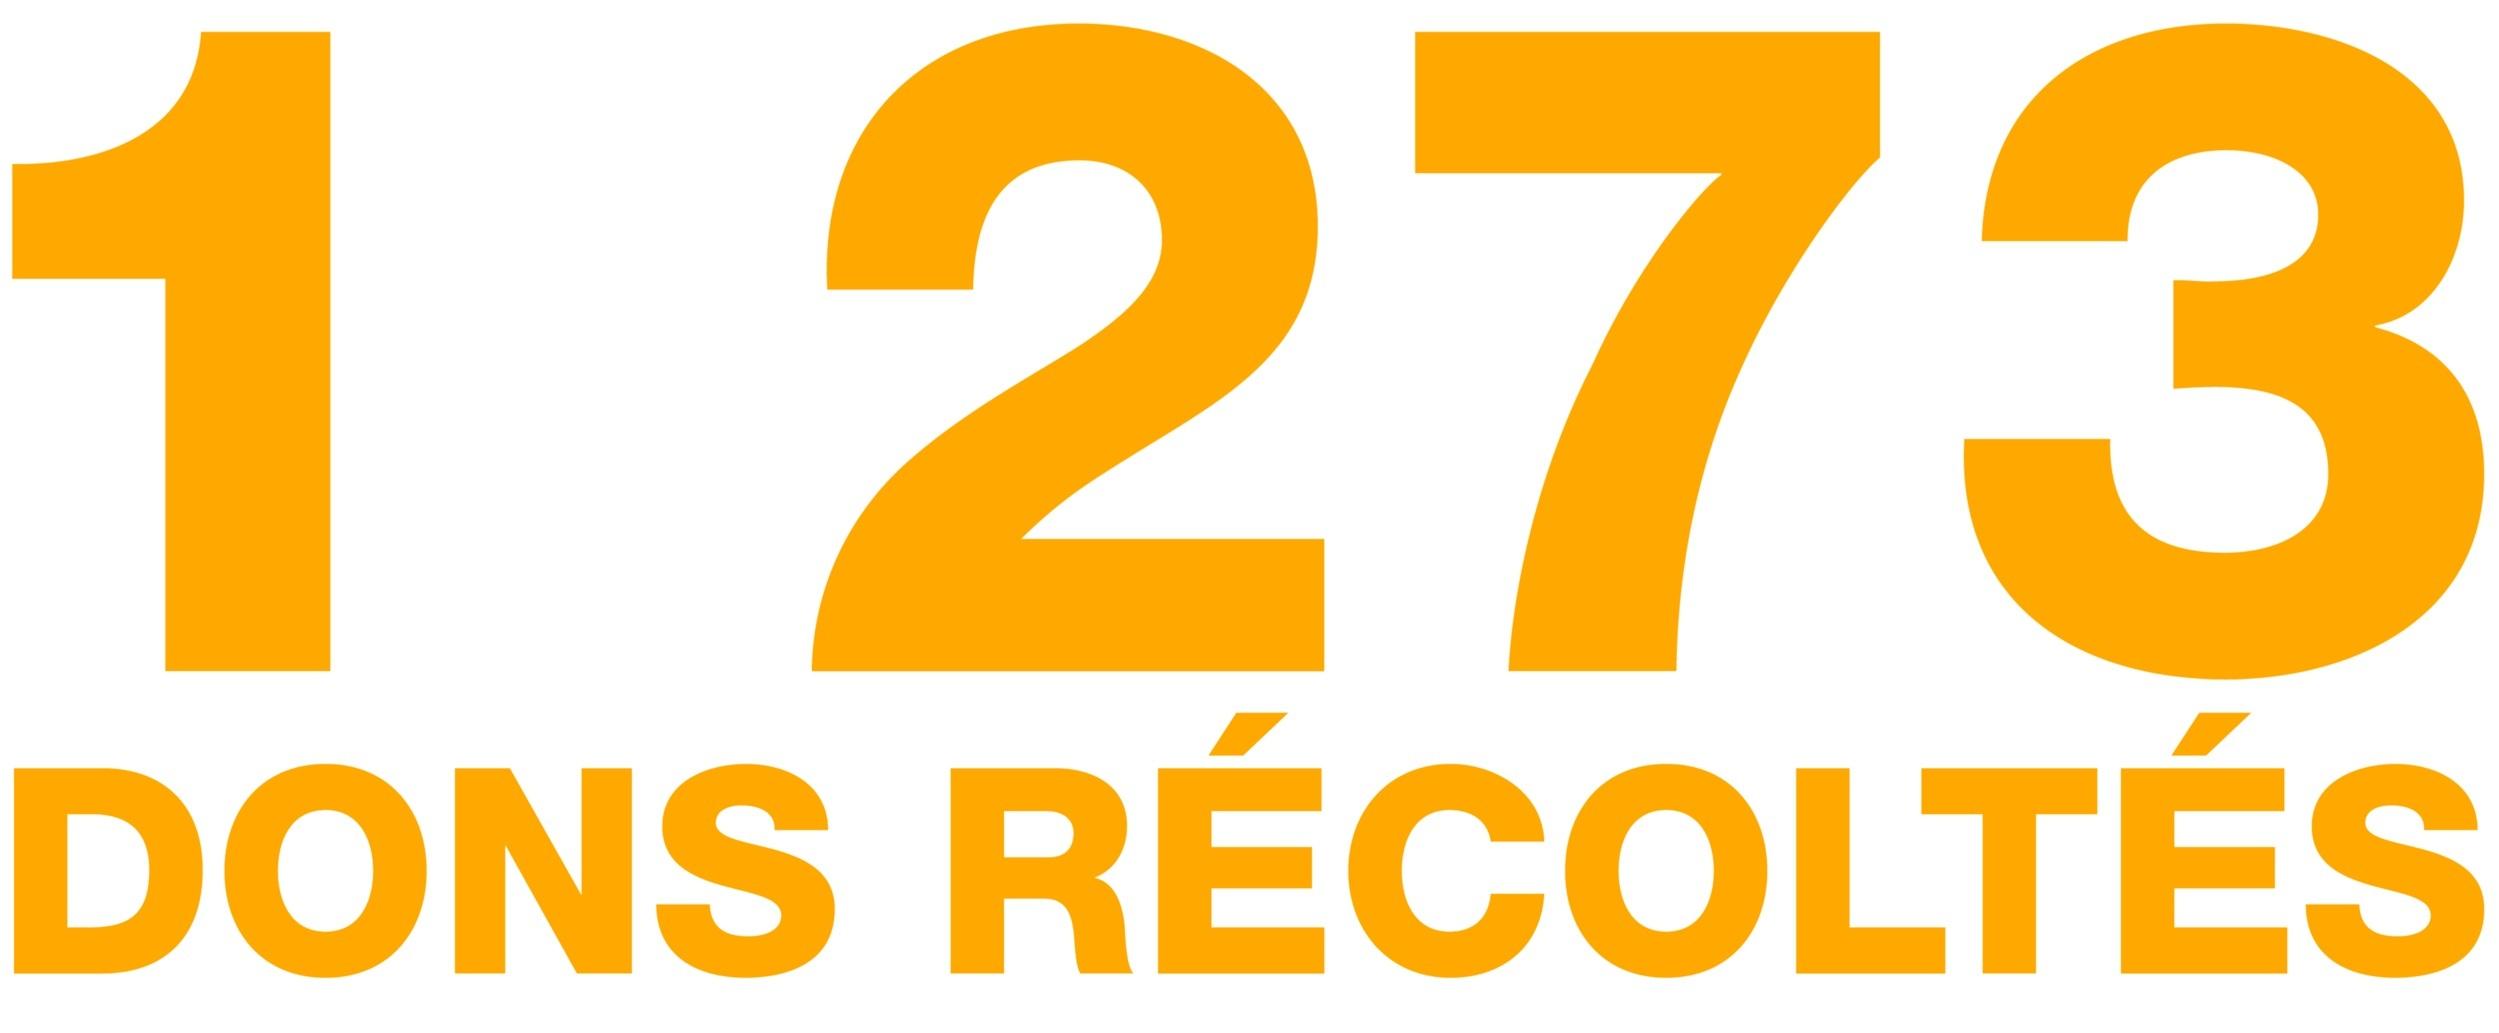 Avec l'association Règles élémentaires, une grande collecte de dons a été organisée en 2019. Au total, 1 273 produits d'hygiène intime ont été redistribués aux femmes en situation précaire.